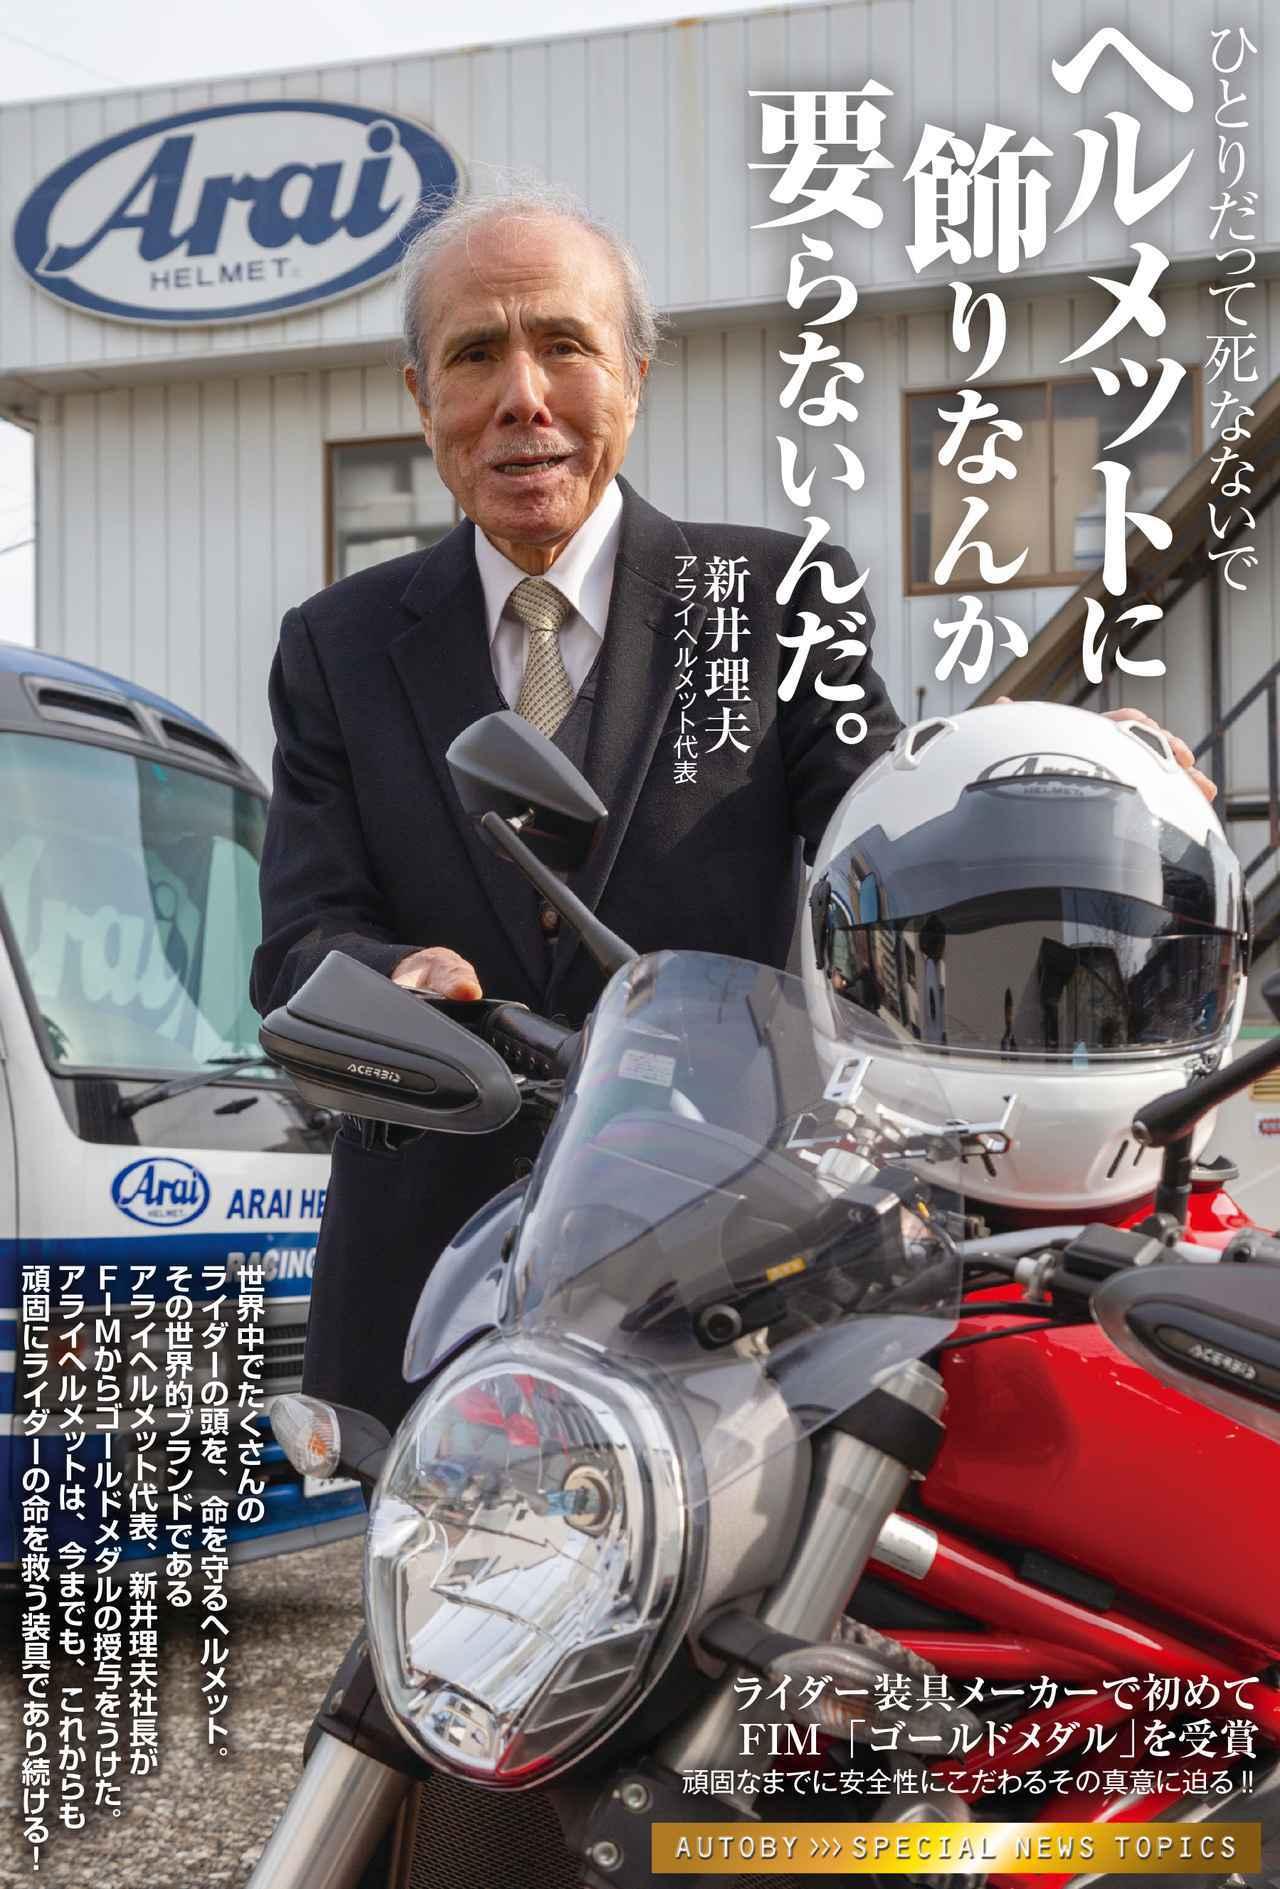 画像4: 新旧250ccスポーツバイク大特集! 月刊『オートバイ』3月号は「RIDE」とセットで2月1日発売!